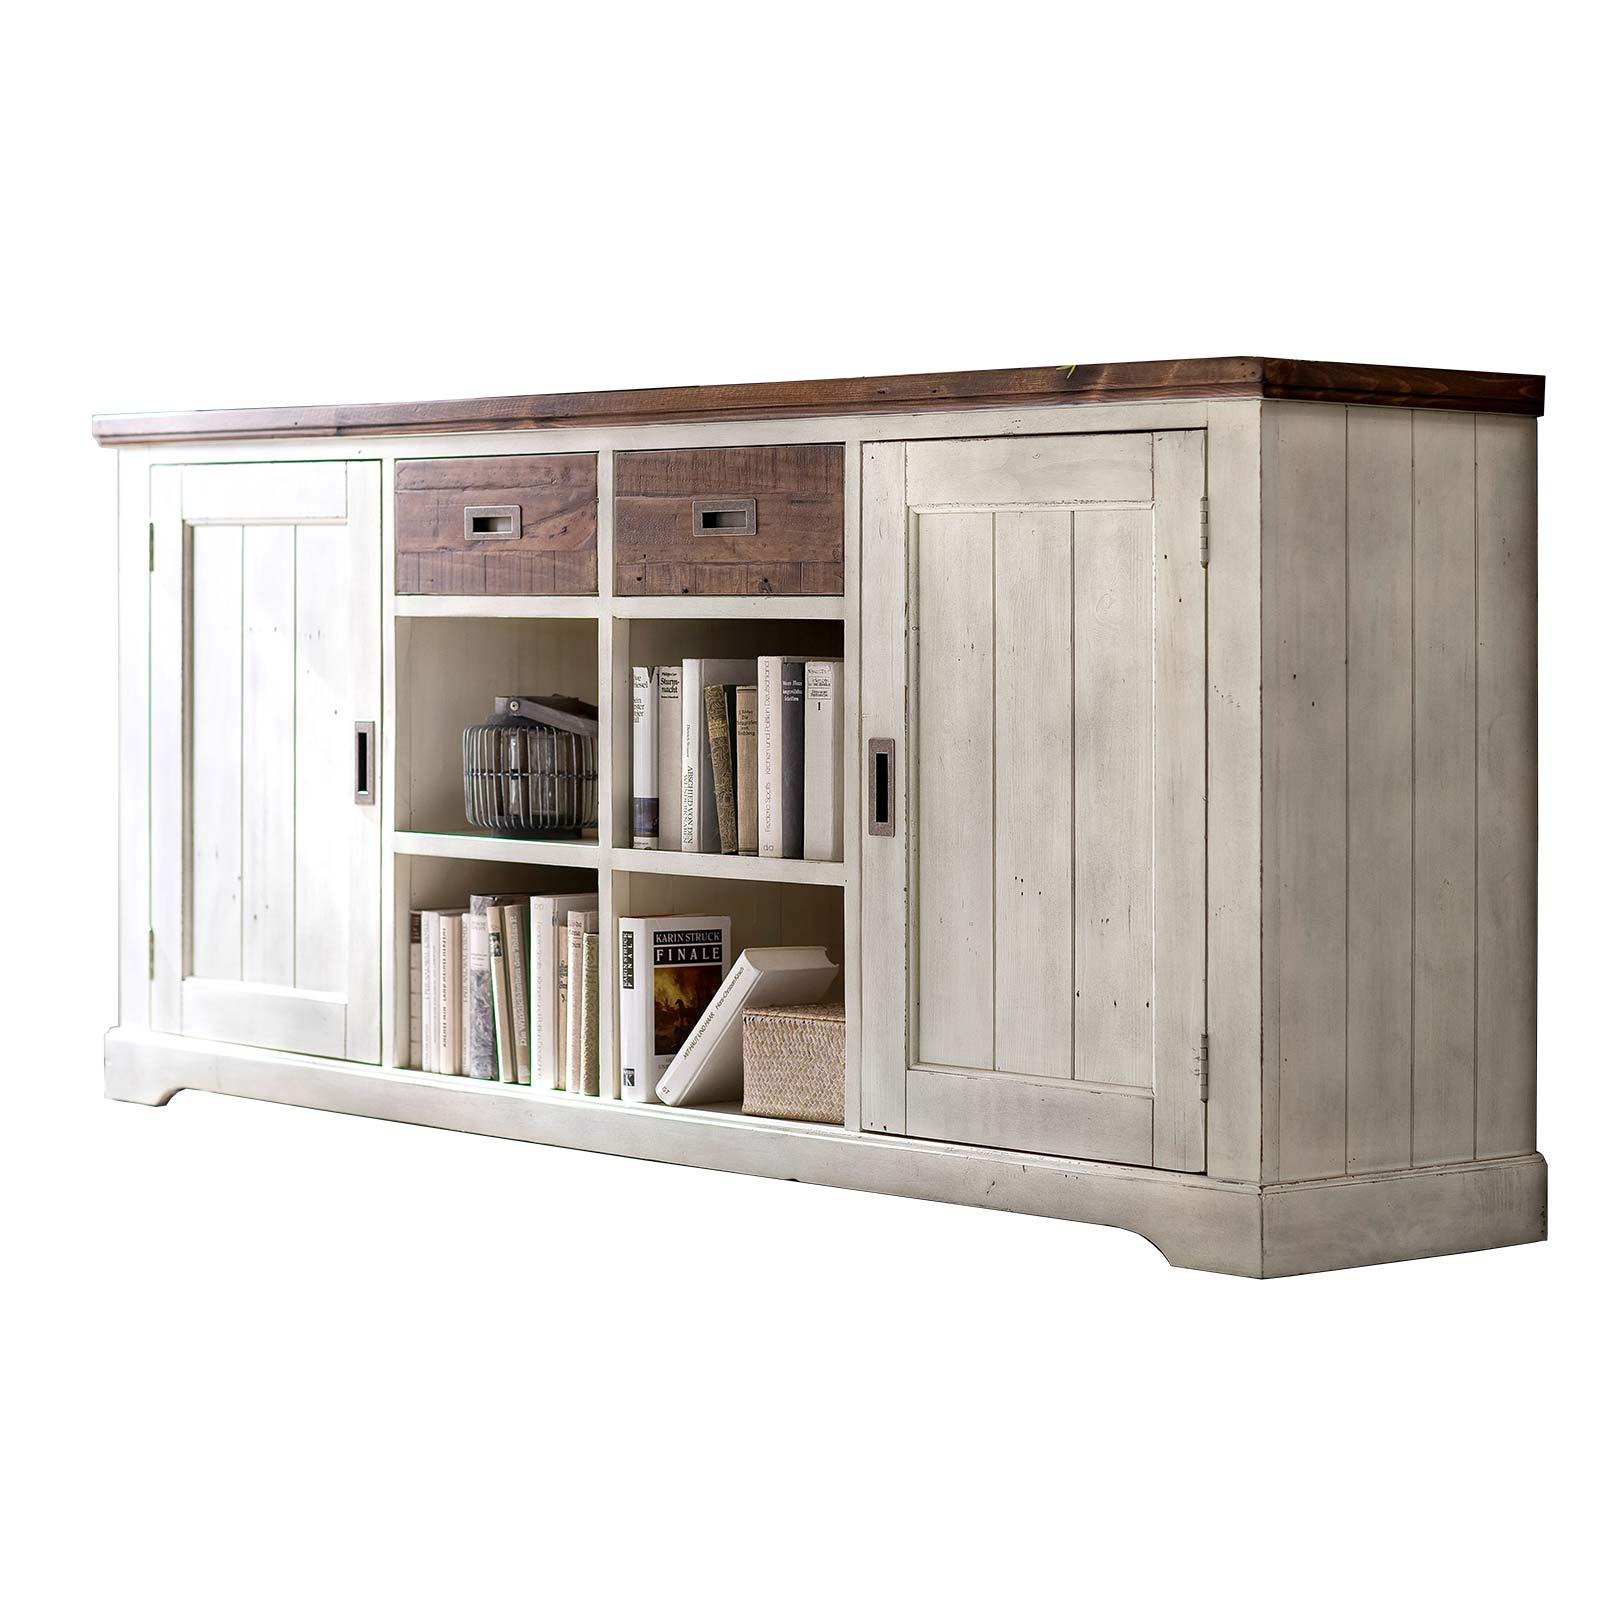 sideboard-dover-wei-braun-massivholz-186-cm-breit